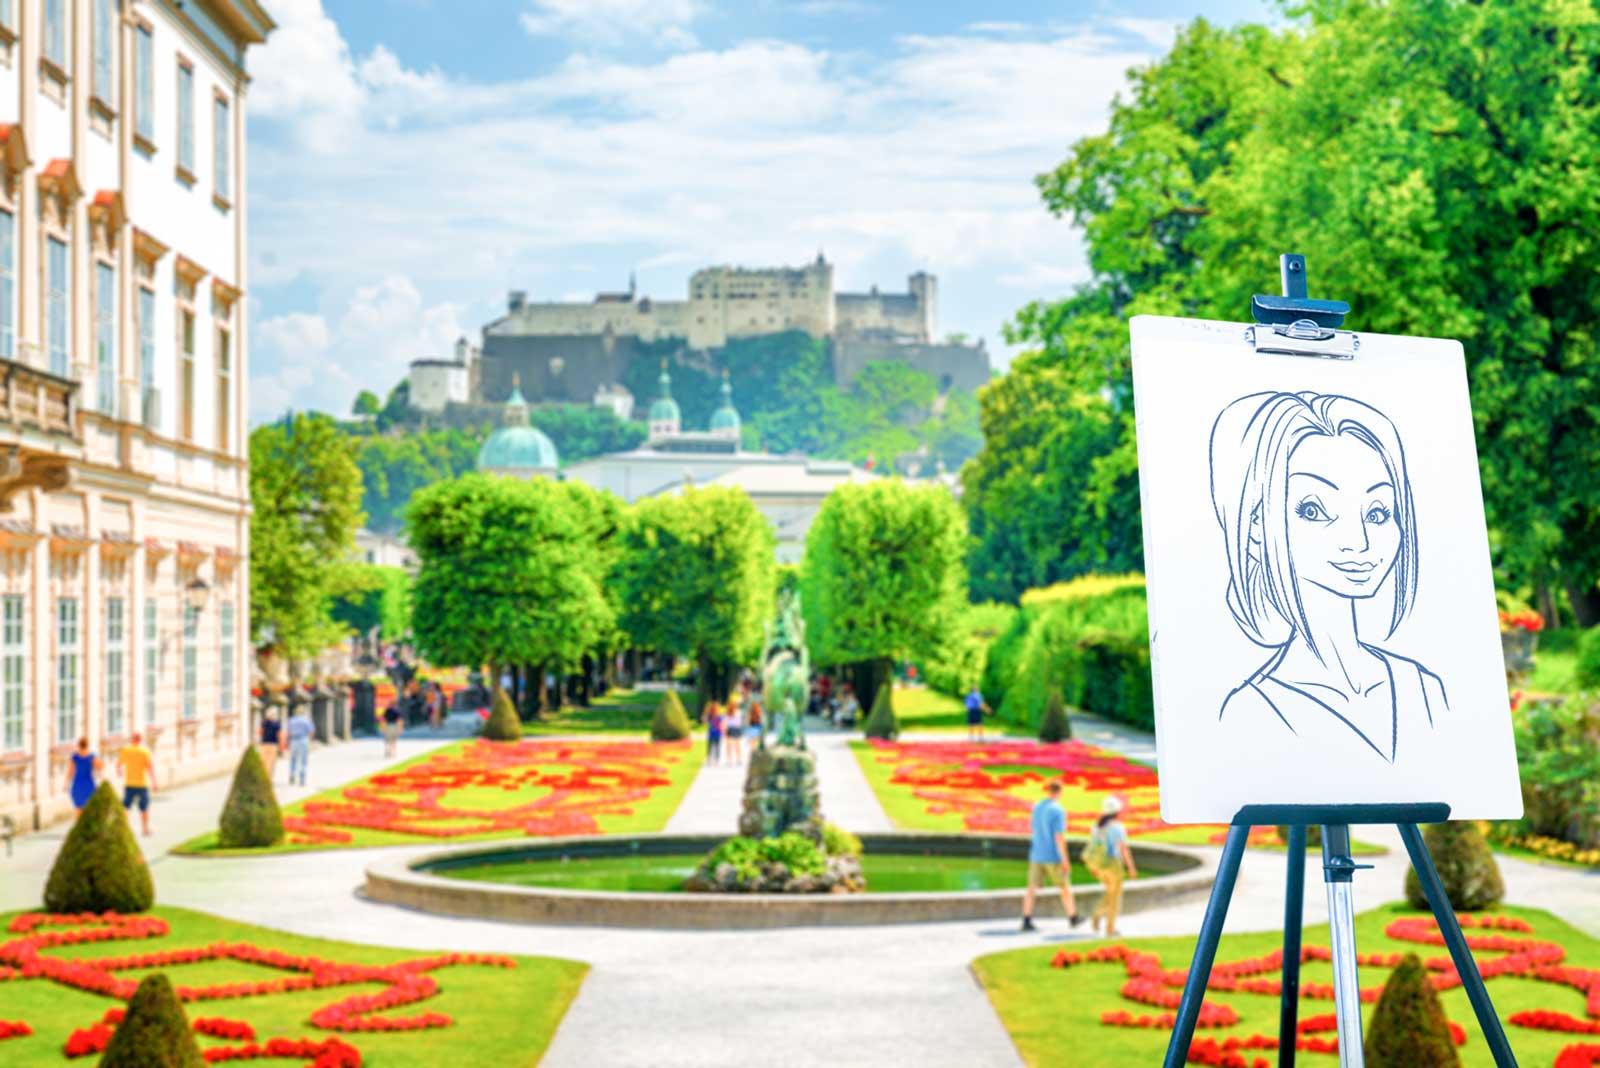 Karikaturist und Schnellzeichner für Salzburg und Umgebung